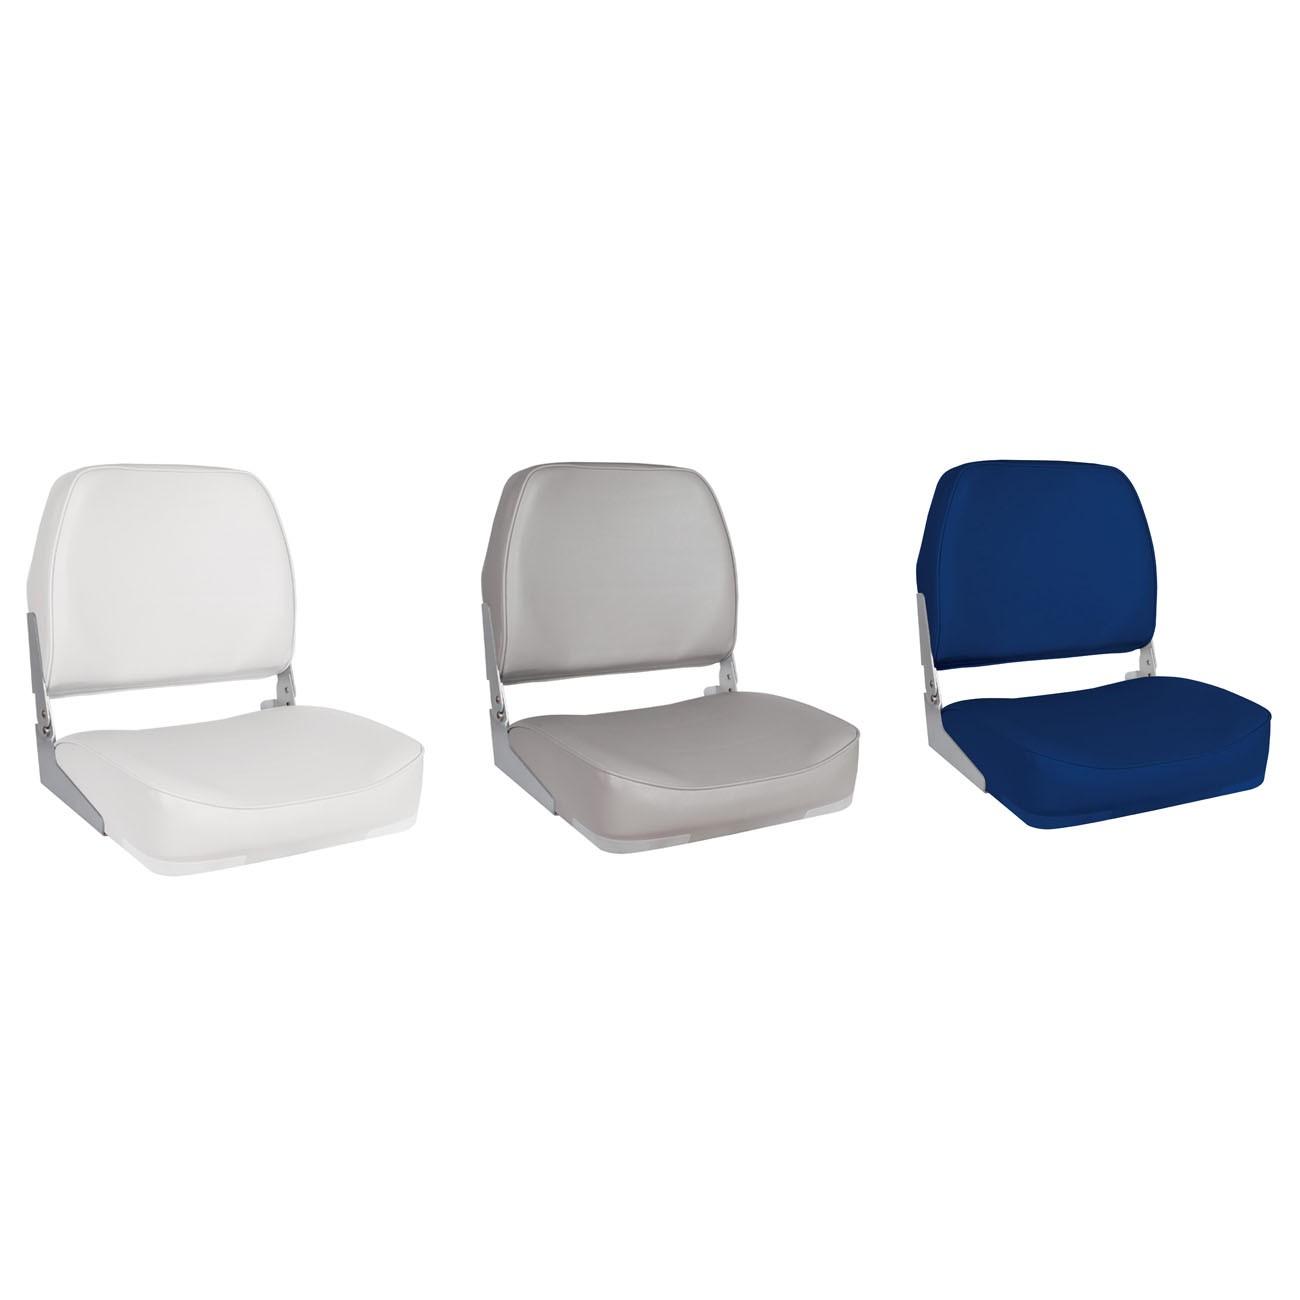 69.55 - Κάθισμα Αναδιπλούμενο Χρώματος Μπλε